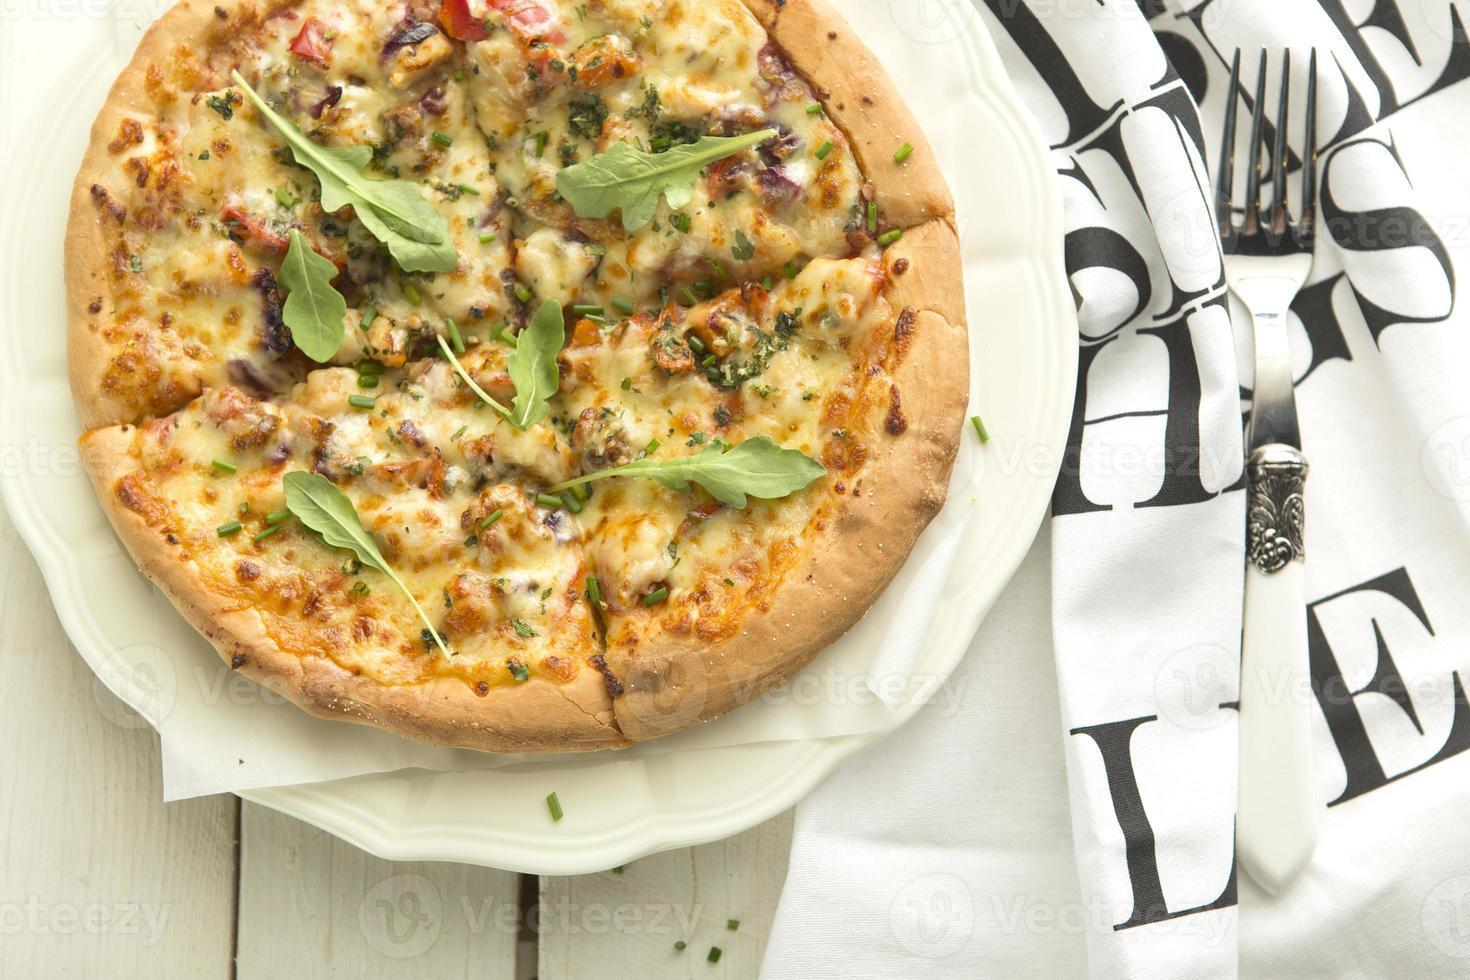 italienische Pizza auf weißem Teller und weißem Hintergrund foto